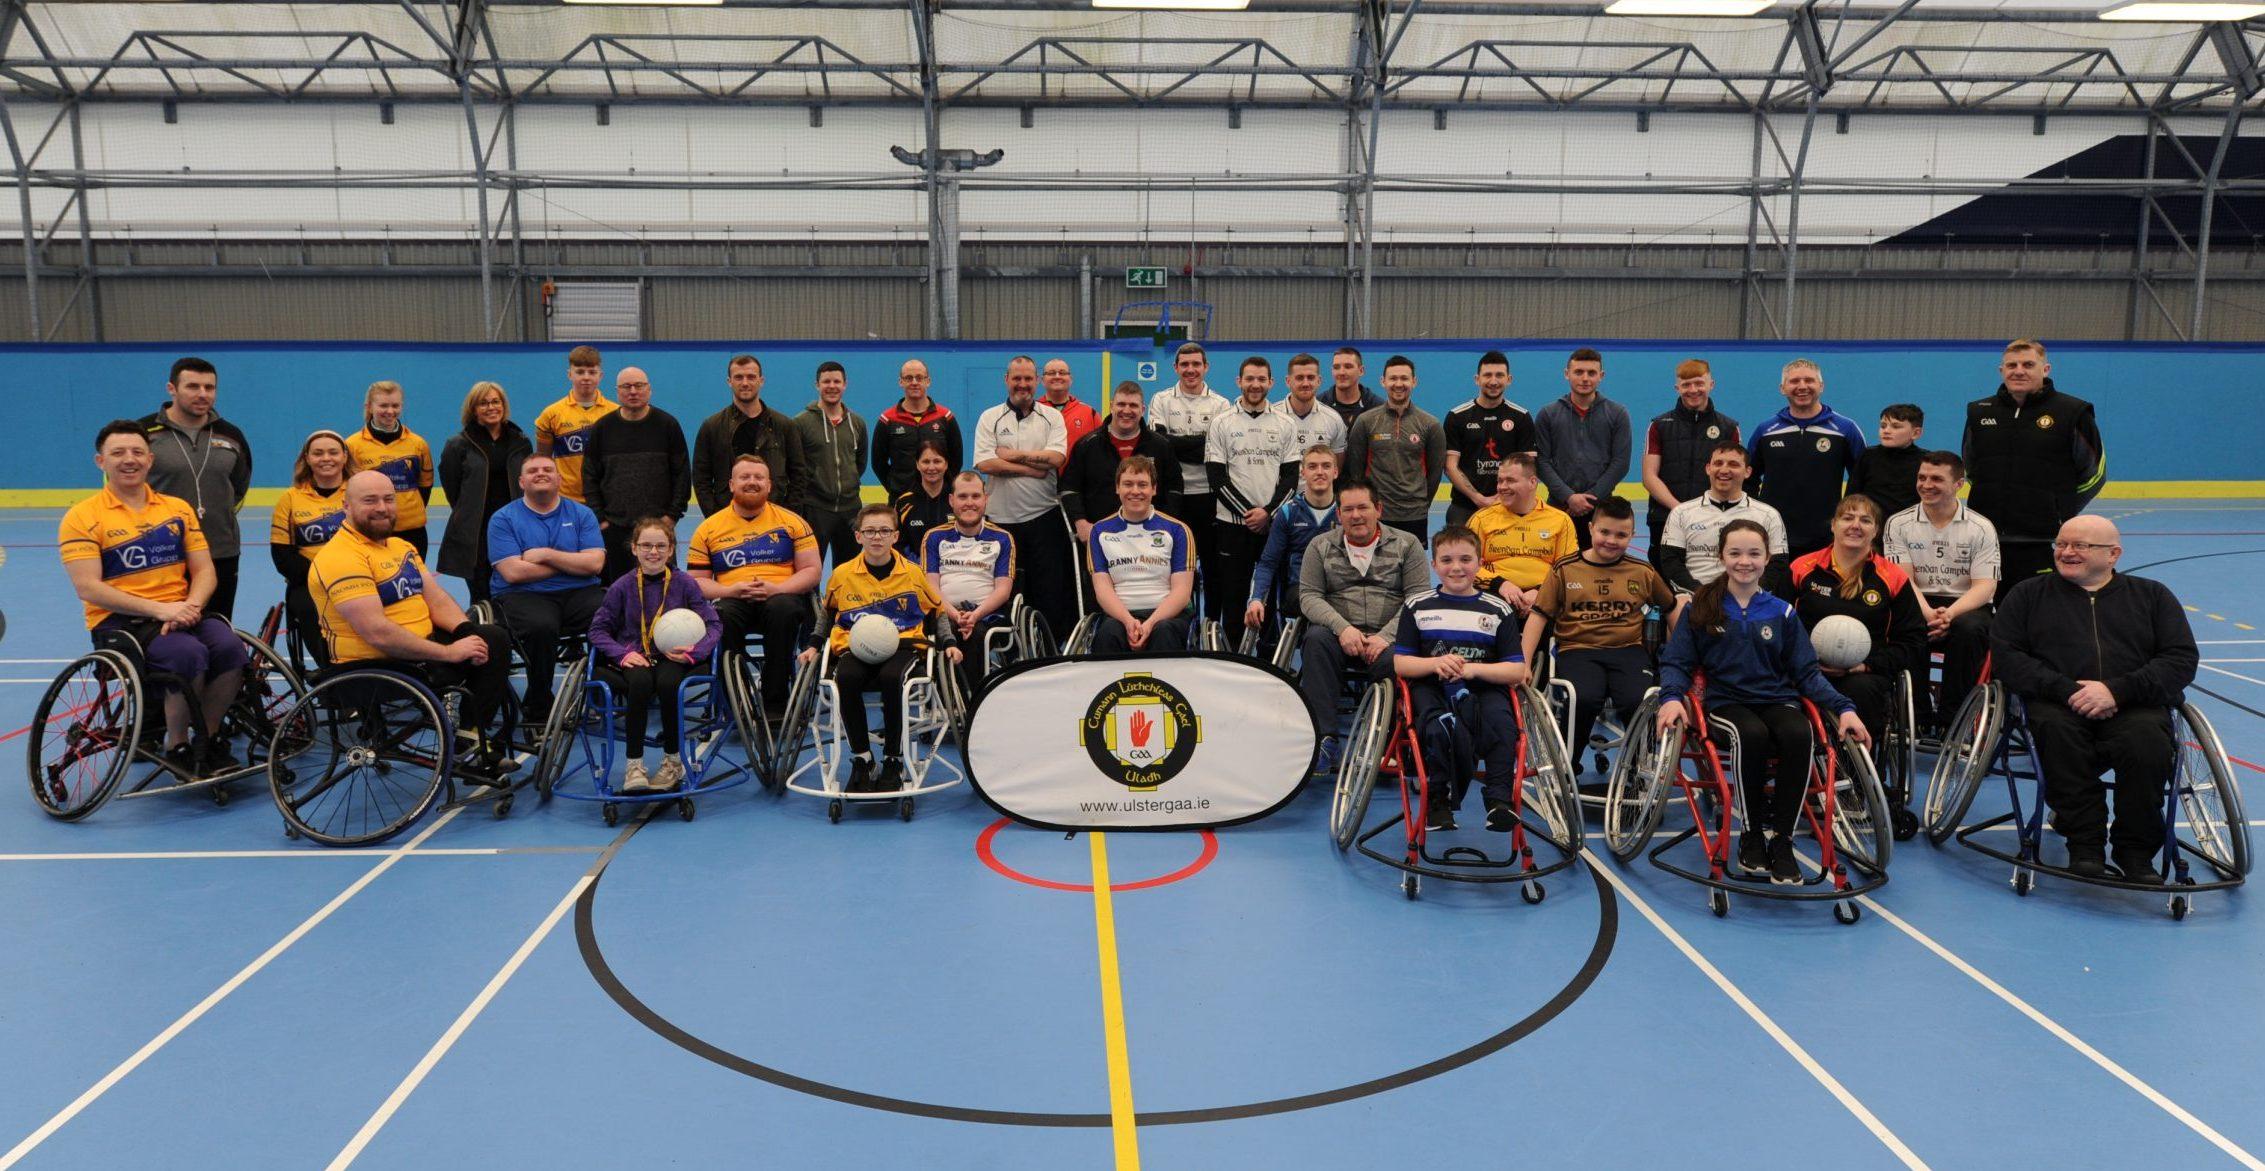 Ulster GAA host first ever Wheelchair Gaelic Football tournament